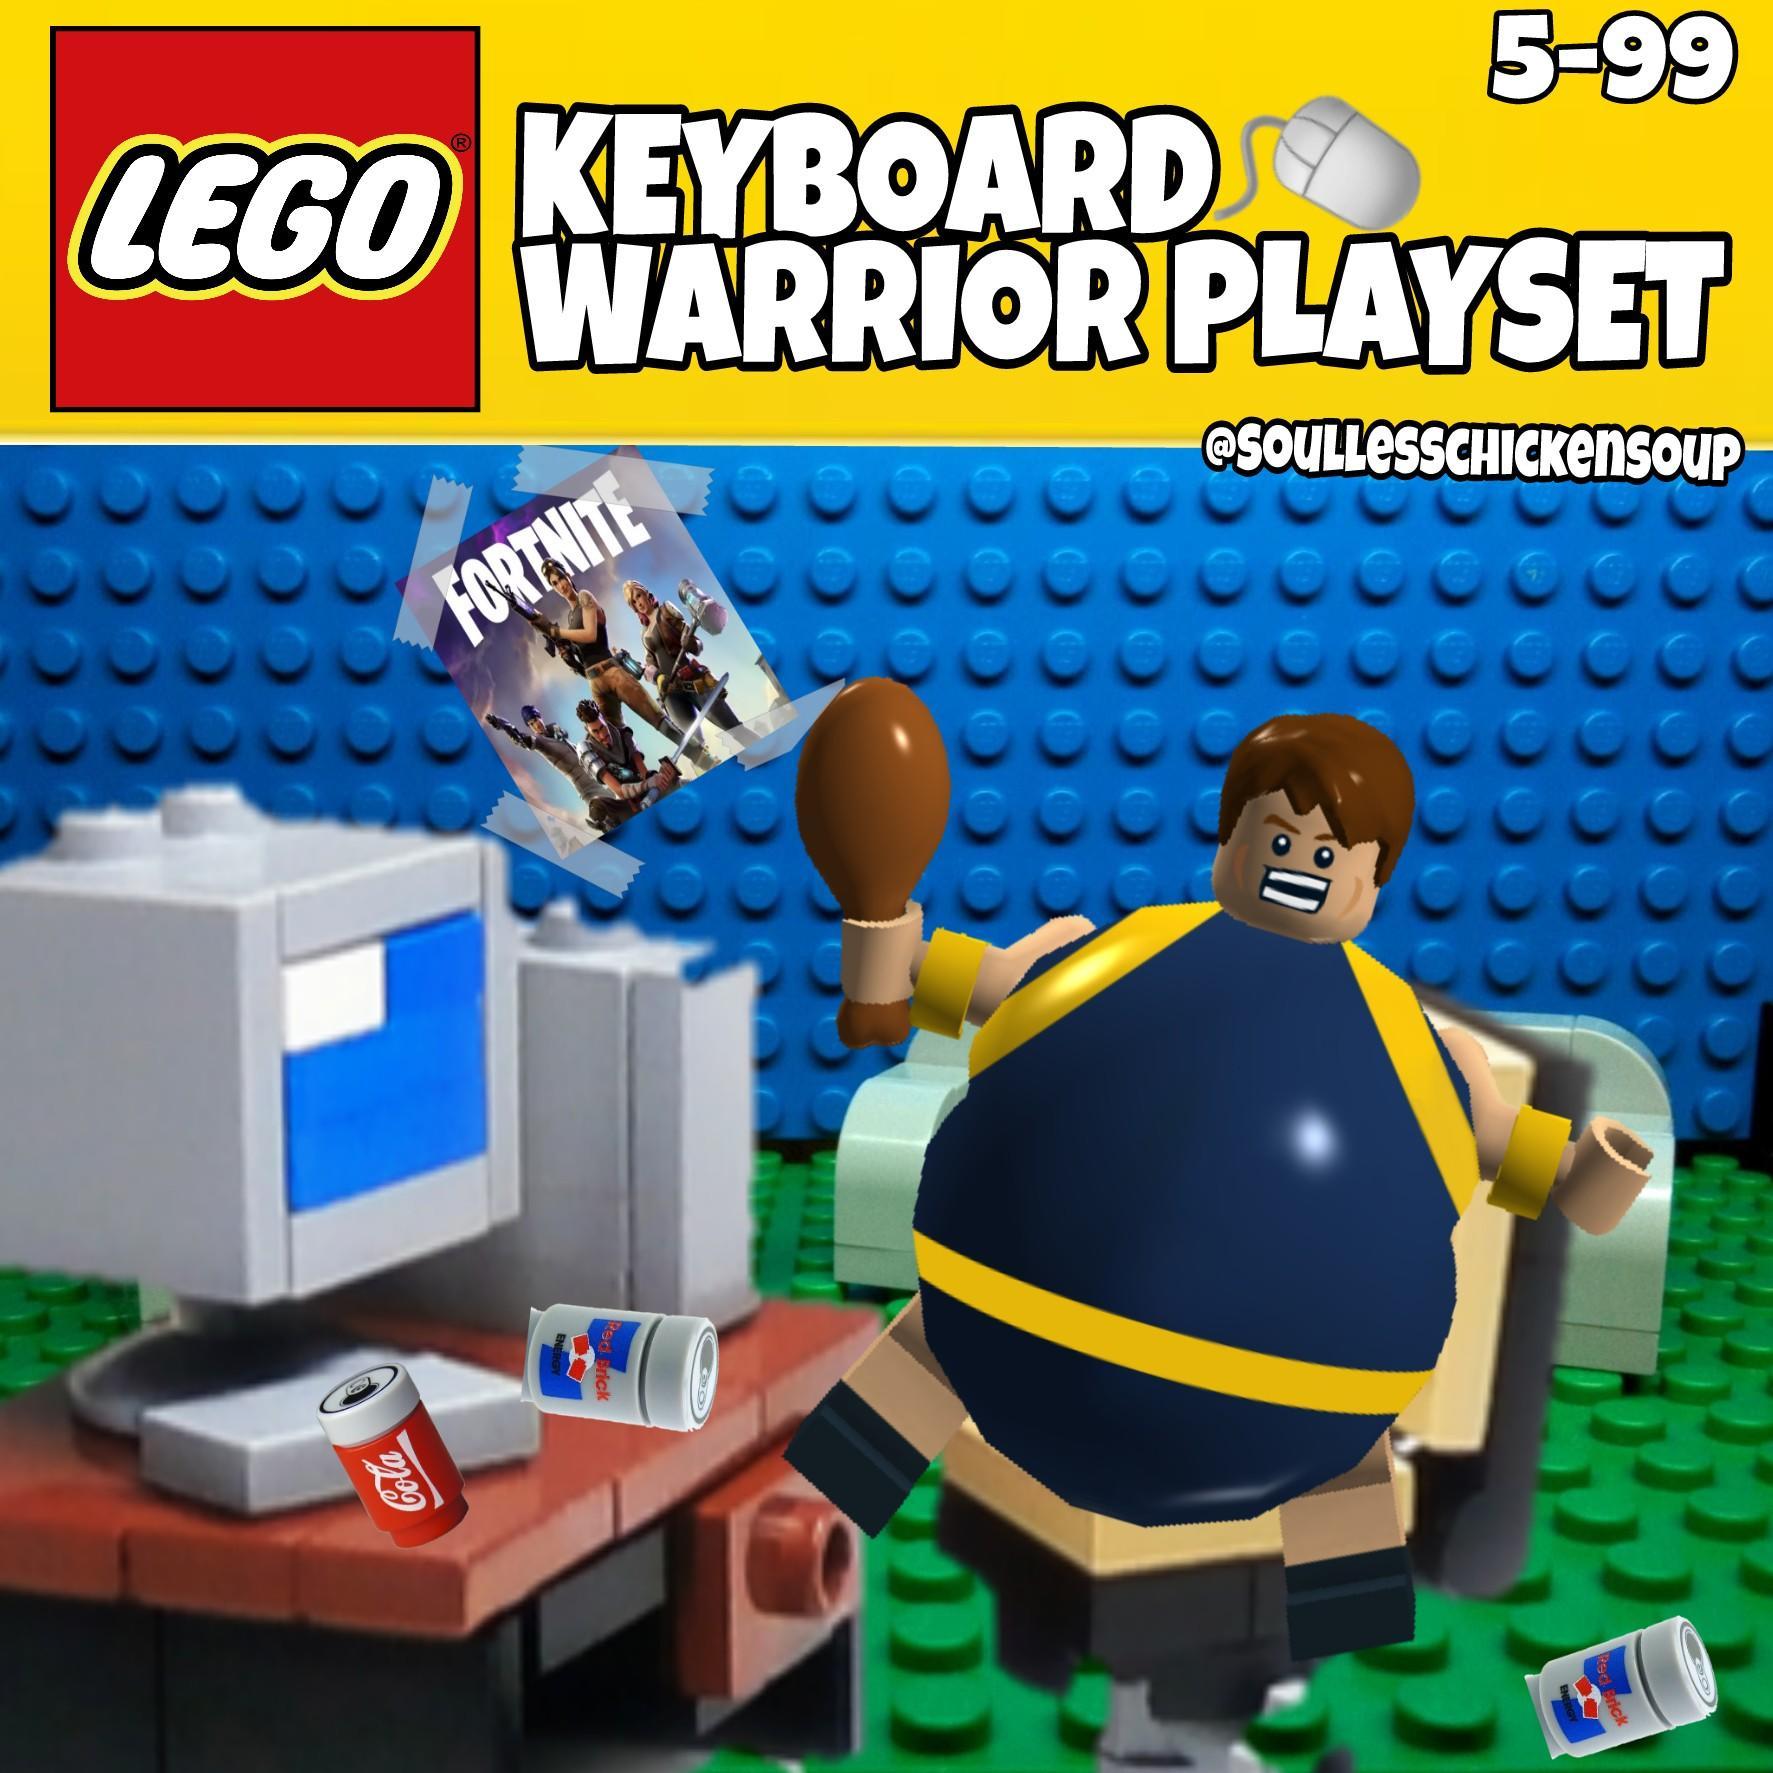 Lego Keyboard Warrior Lego Know Your Meme